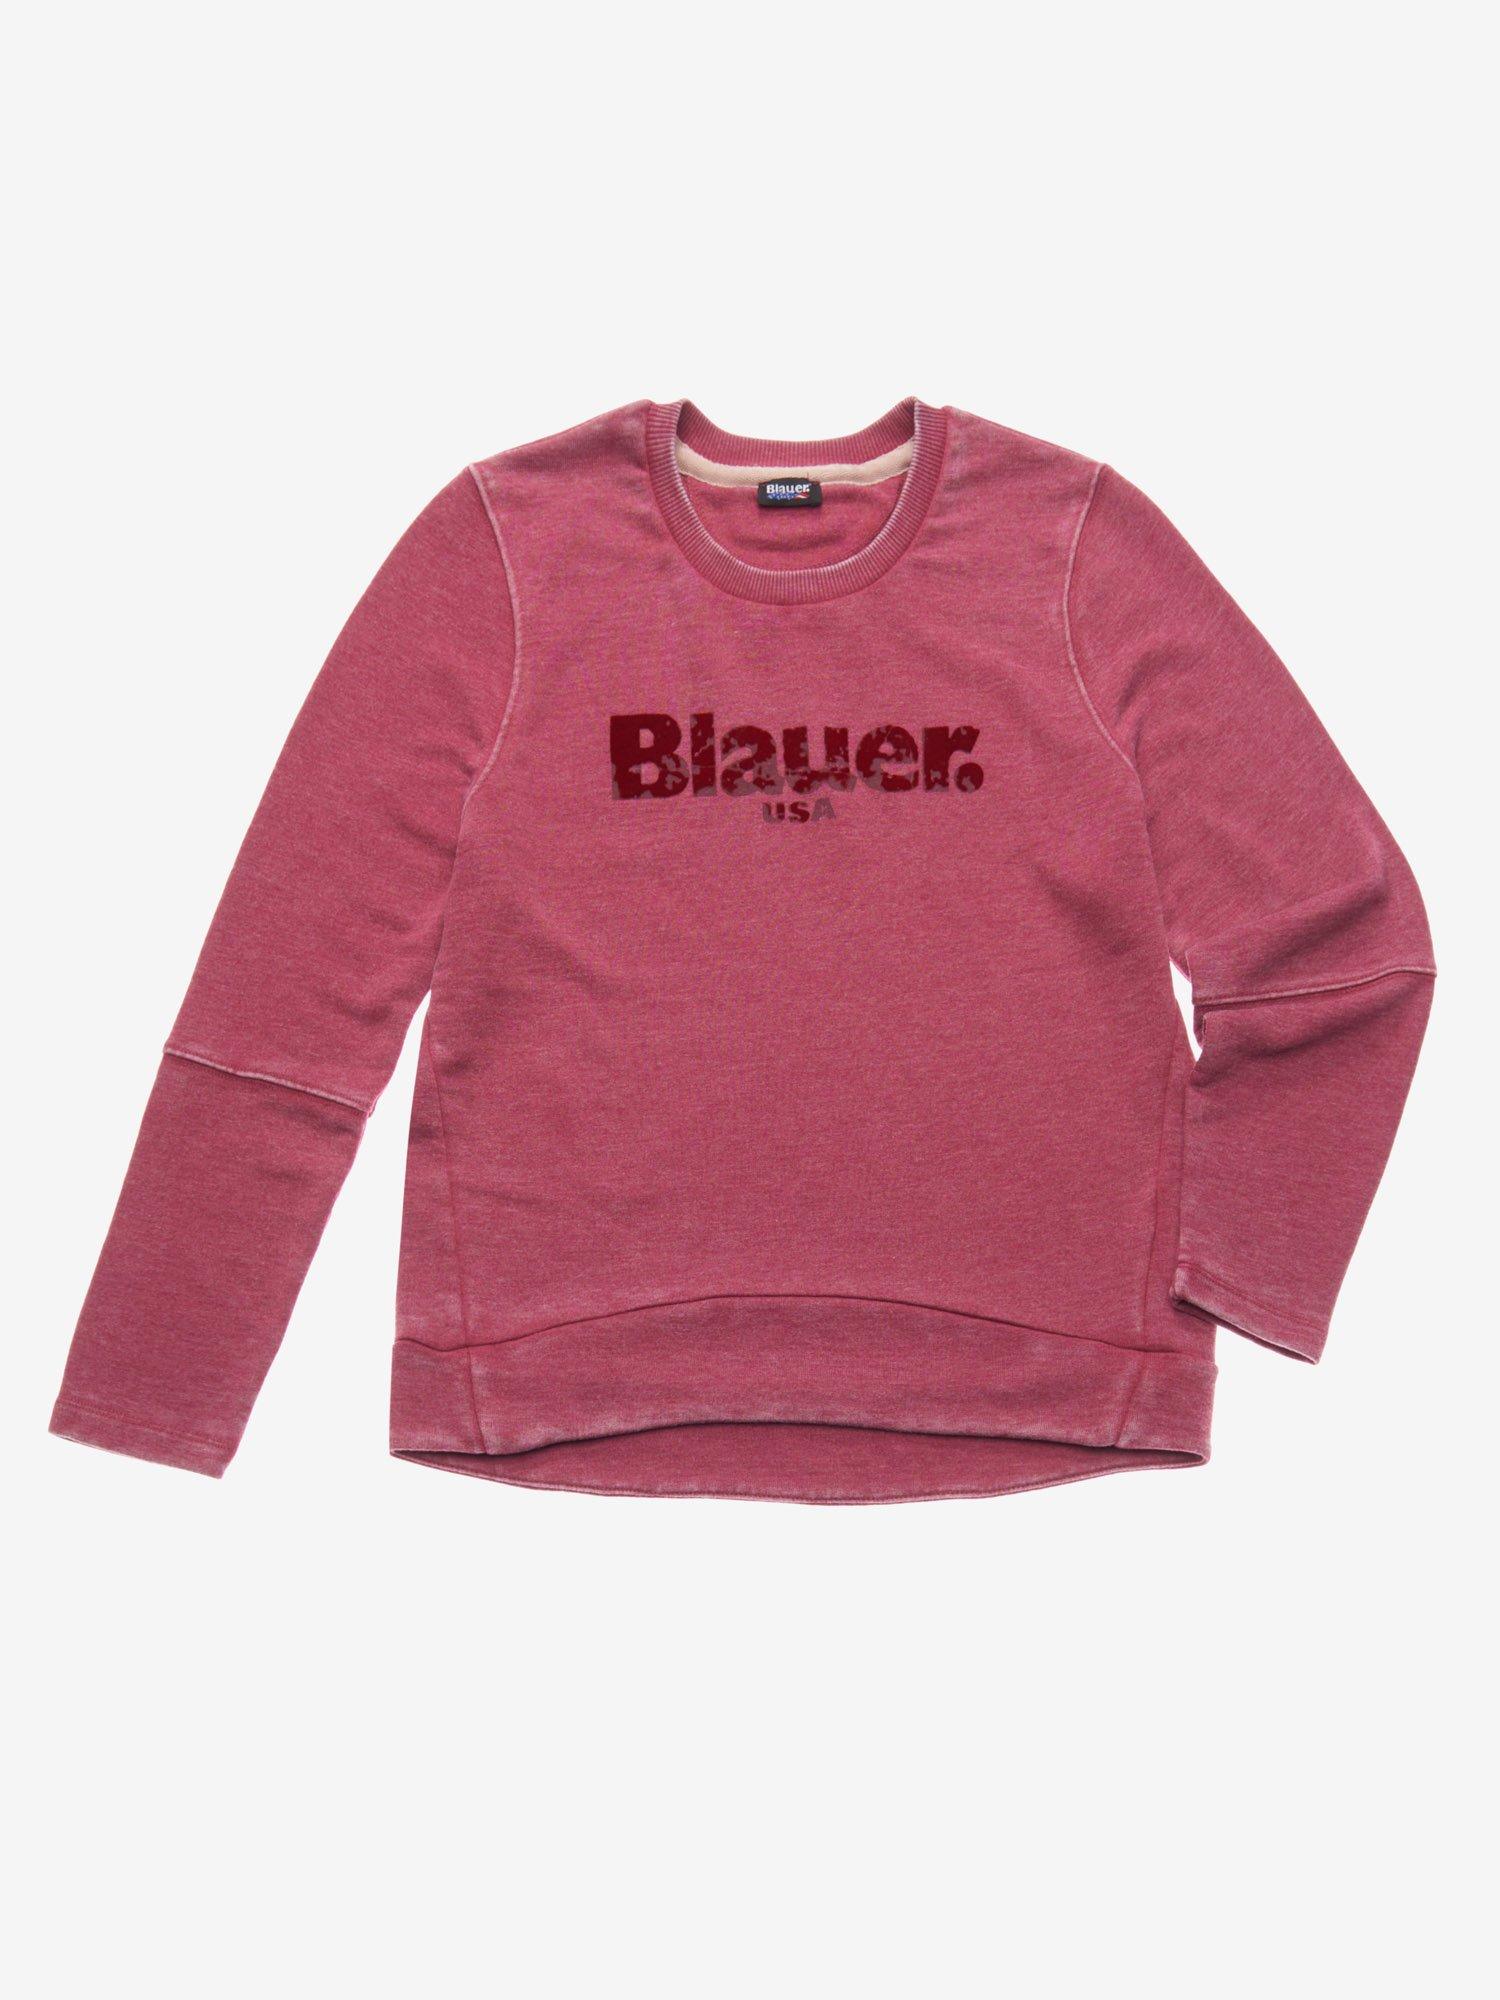 BURNOUT CREW NECK SWEATSHIRT - Blauer